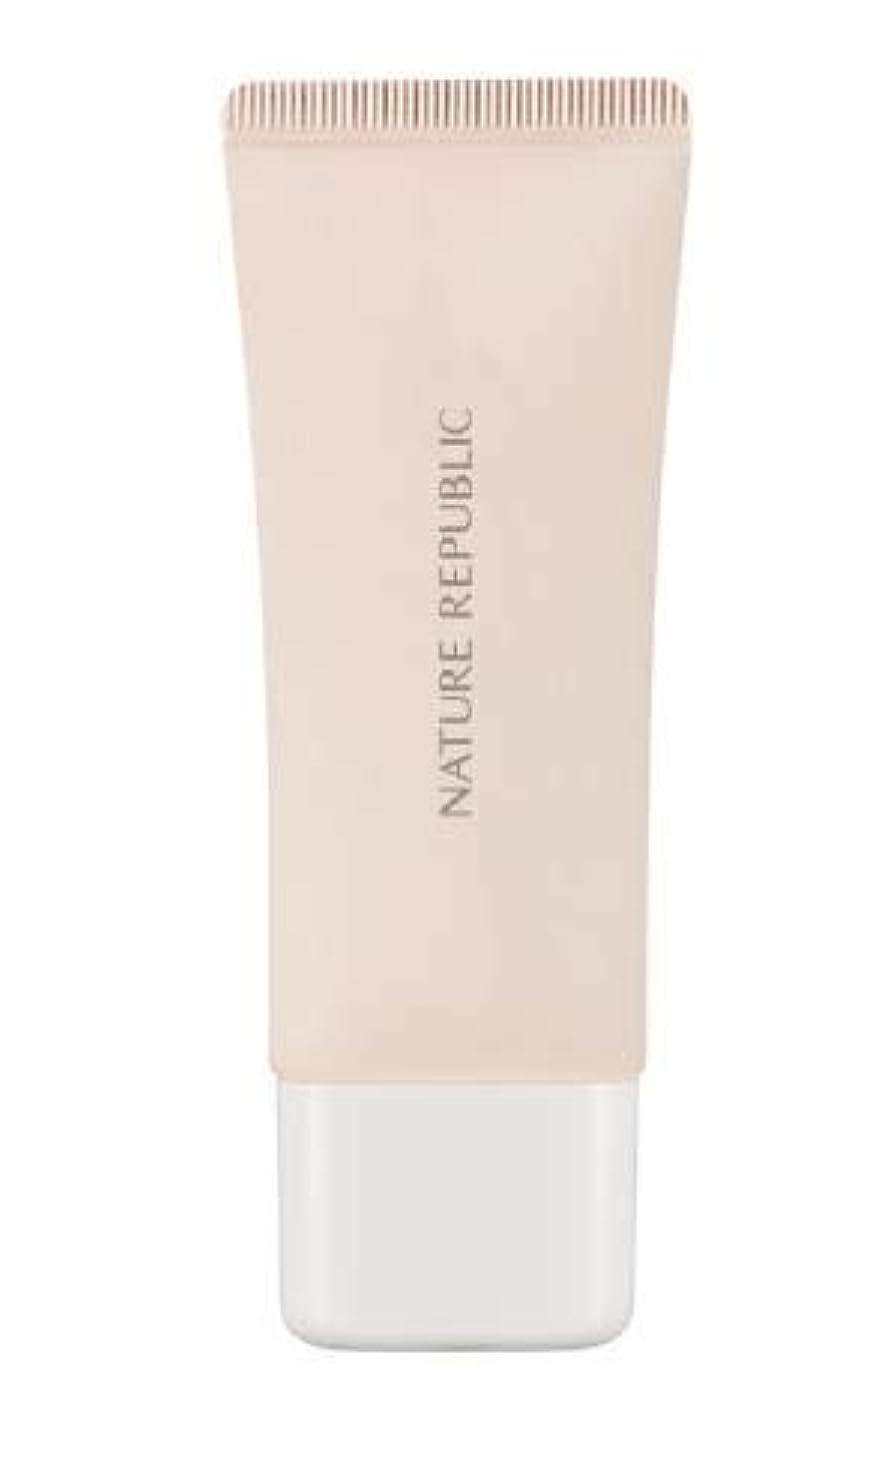 感嘆特異な早めるNature Republic Pure Shine Makeup Base # 02 Vanilla Pink/ネイチャーリパブリック ピュアシャインメイクアップベース#02バニラピンクSPF20 PA++ [並行輸入品]